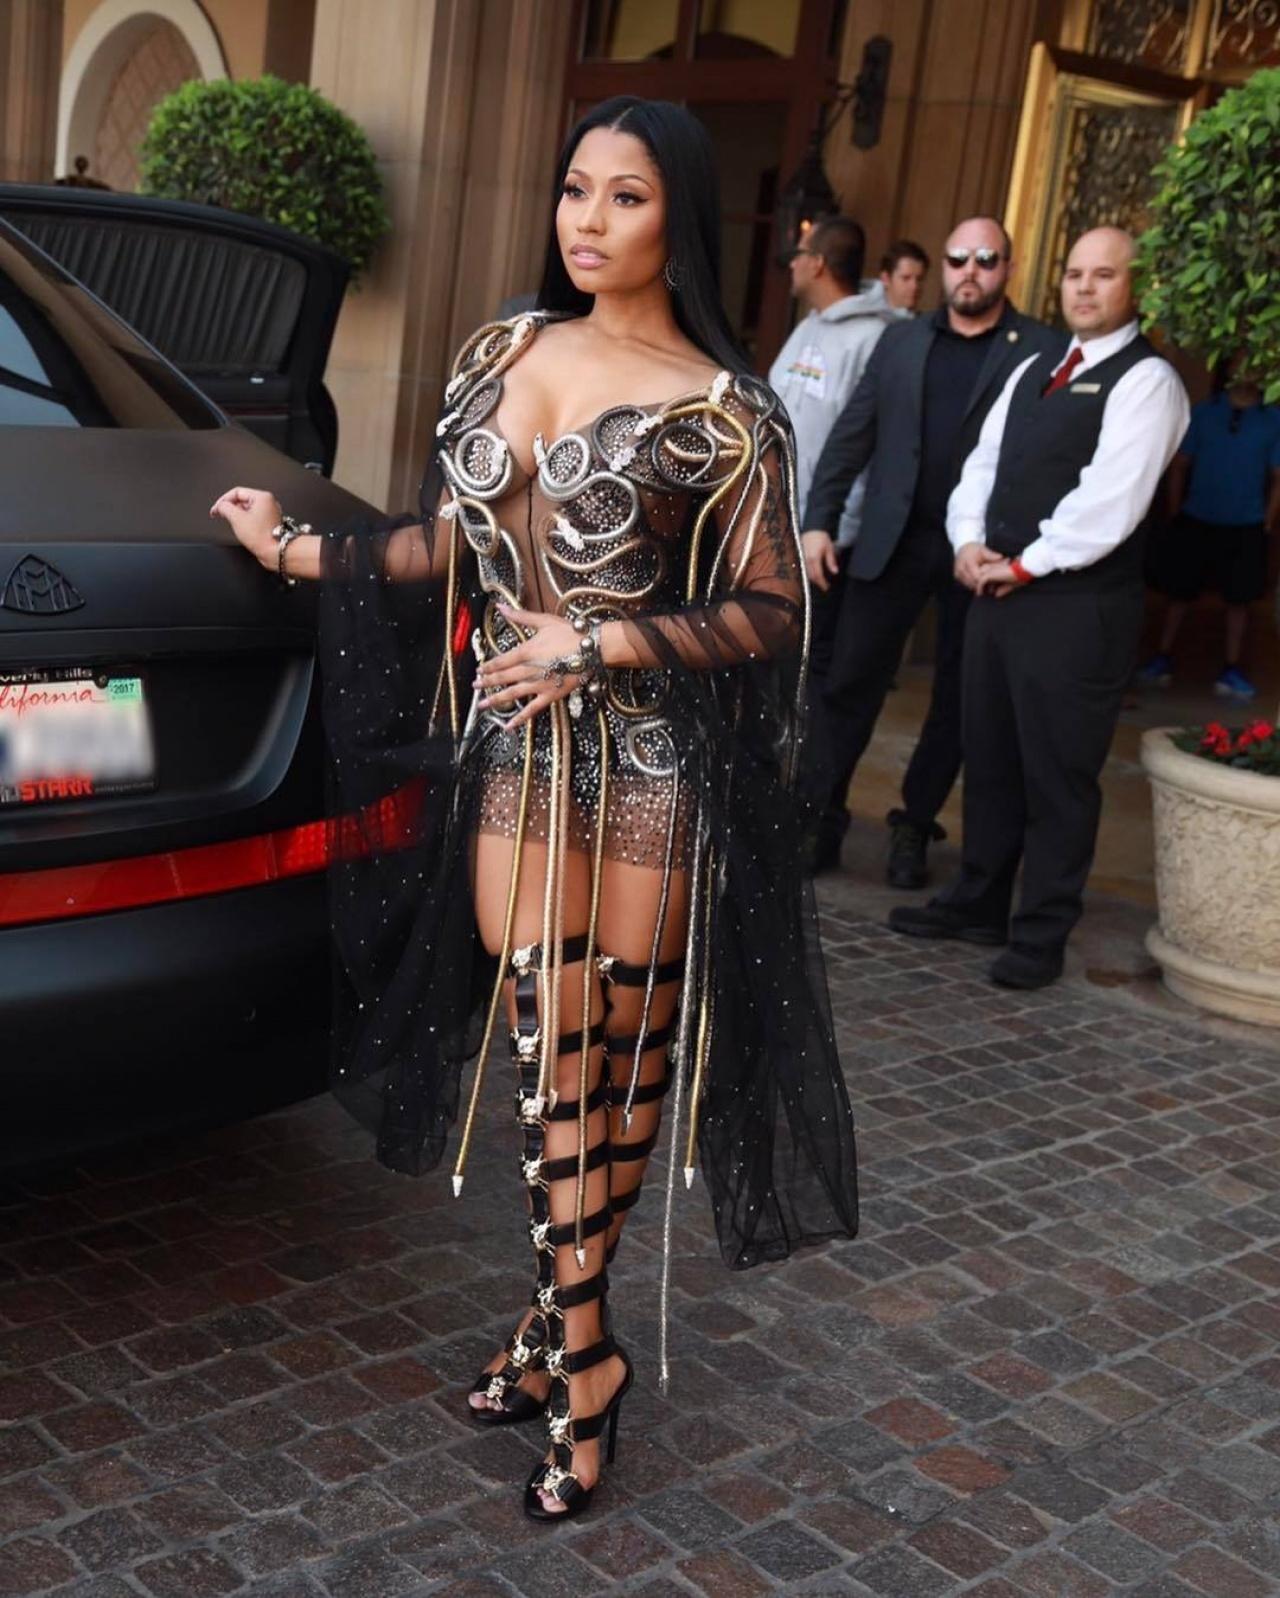 美国Rapper天后Nicki Minaj为粉丝交学费,历代歌手谁最慷慨?